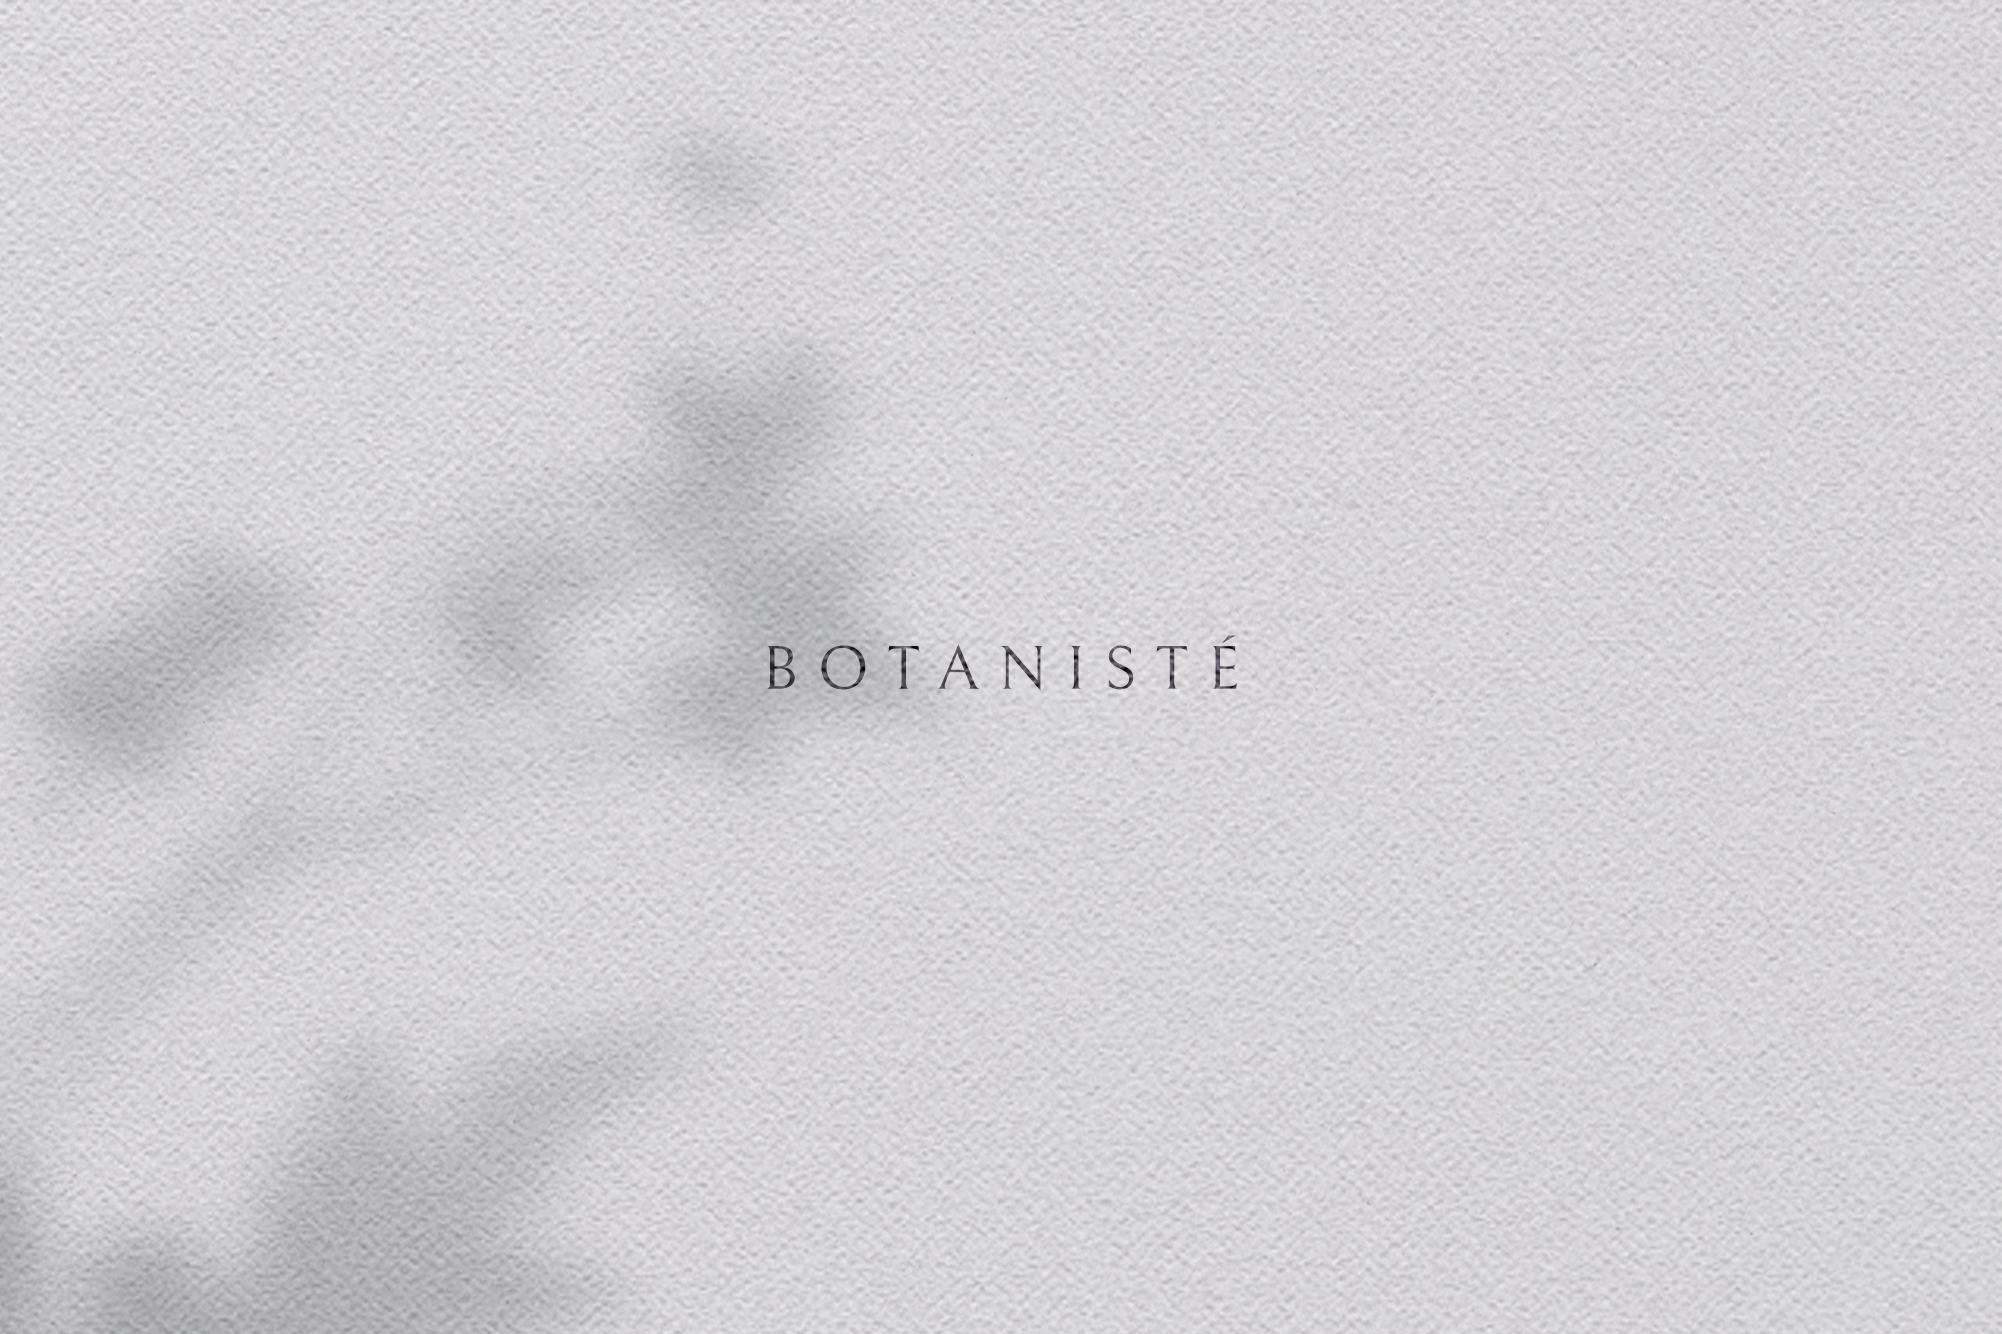 BotanisteLogoSample.jpg